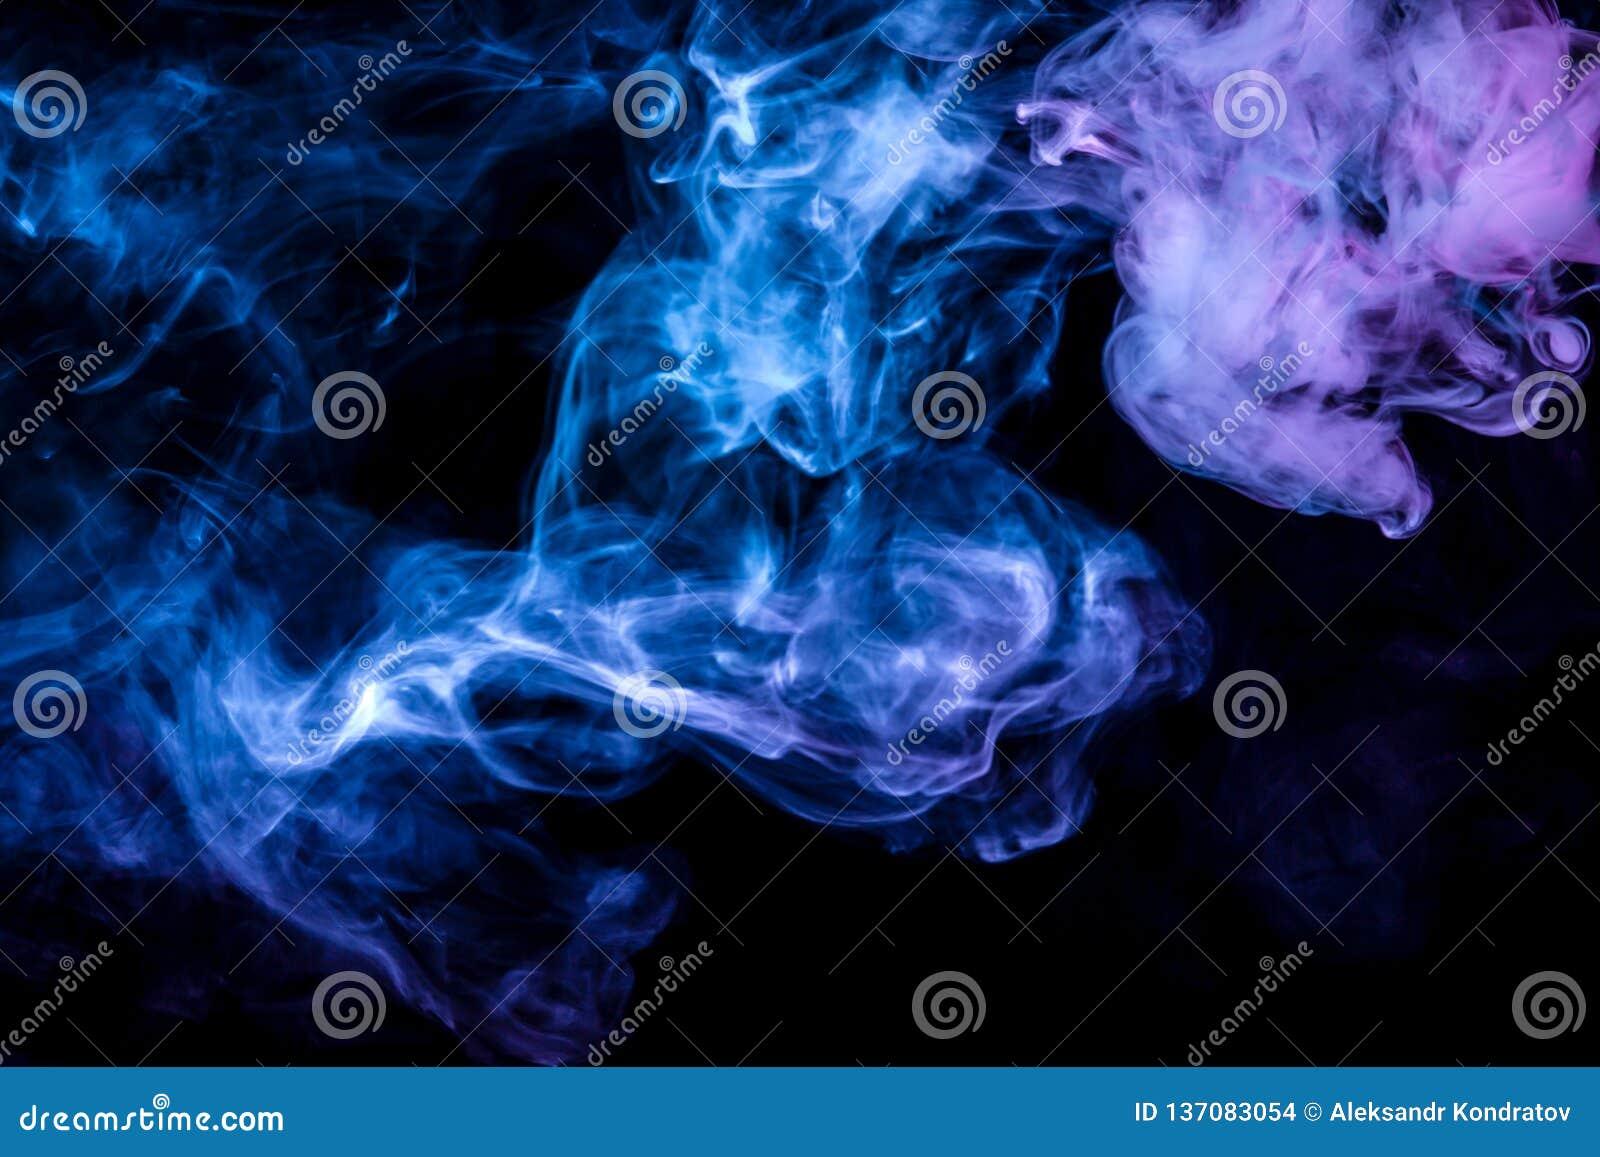 Clubs des farbigen Rauches der blauen und rosa Farbe auf einem schwarzen Hintergrund in Form von weichen Wolken vom vape